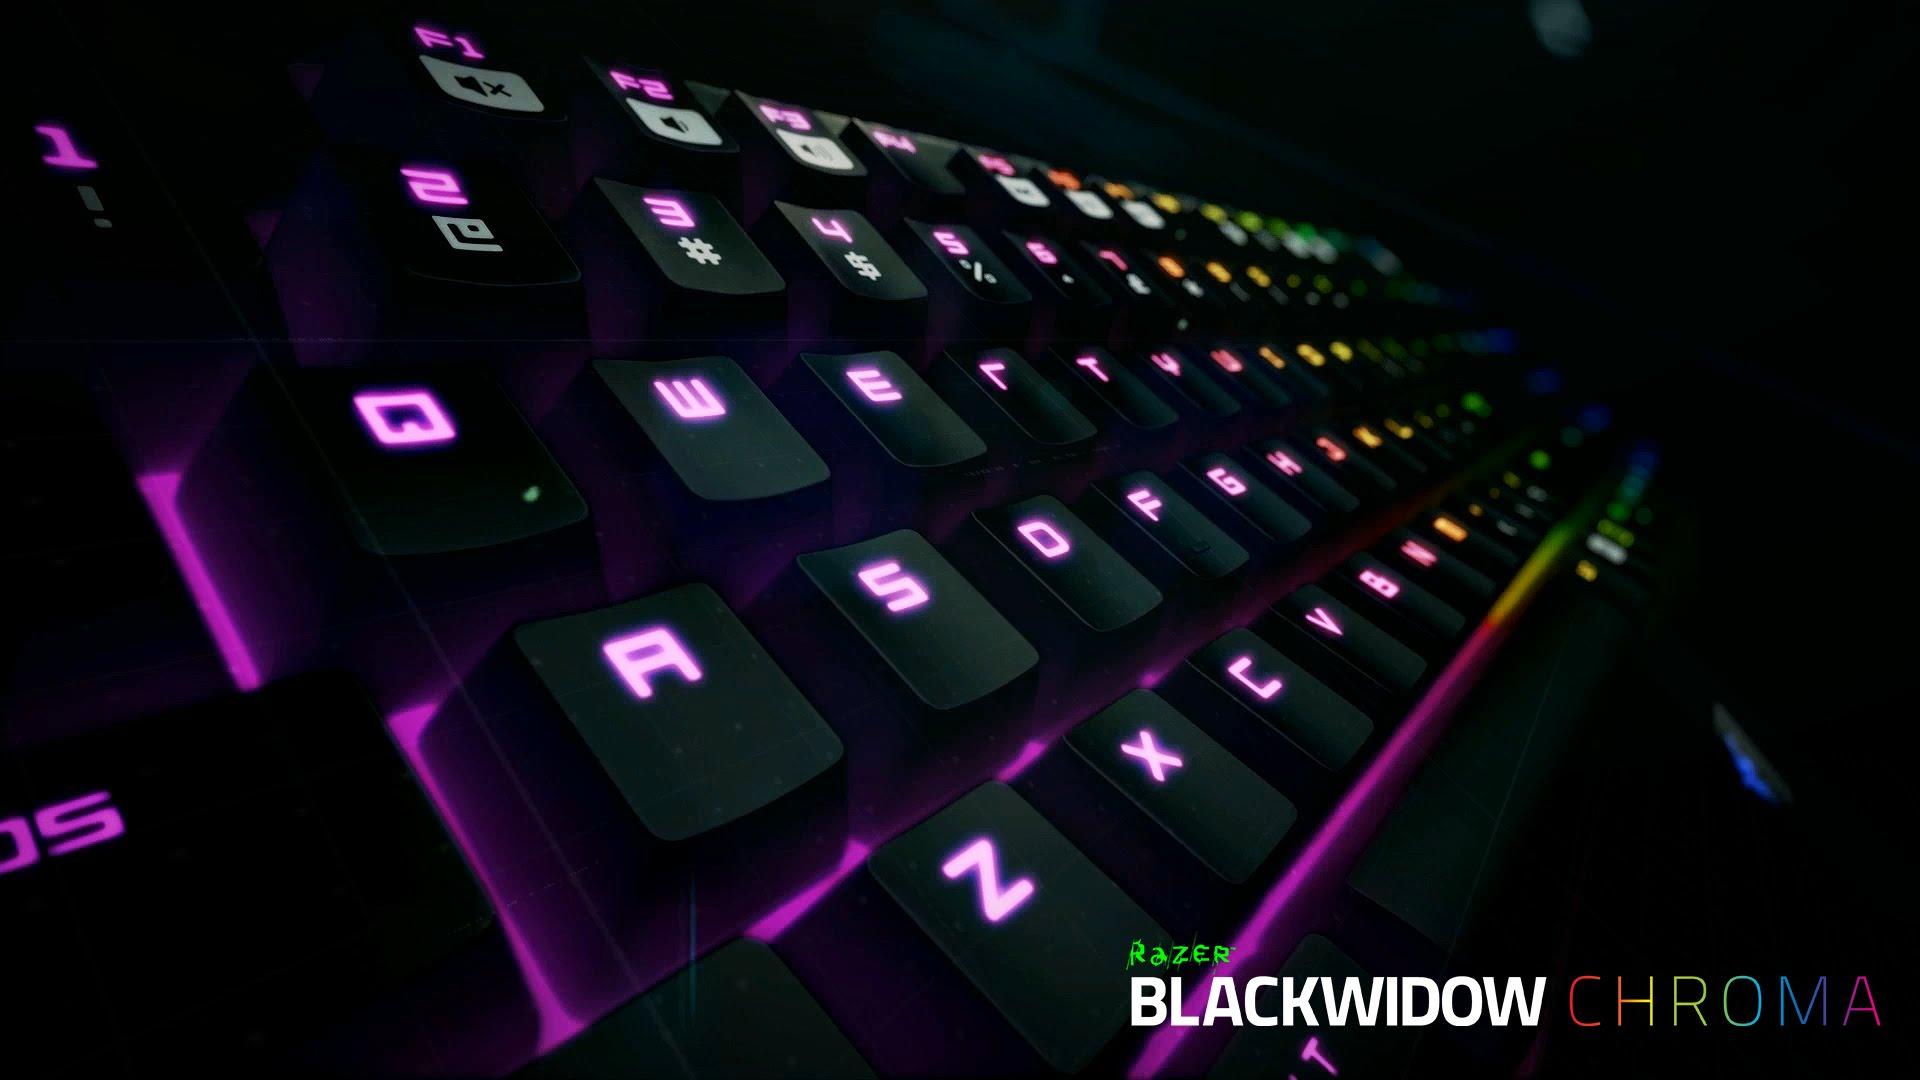 The new Razer BlackWidow Chroma 1920x1080